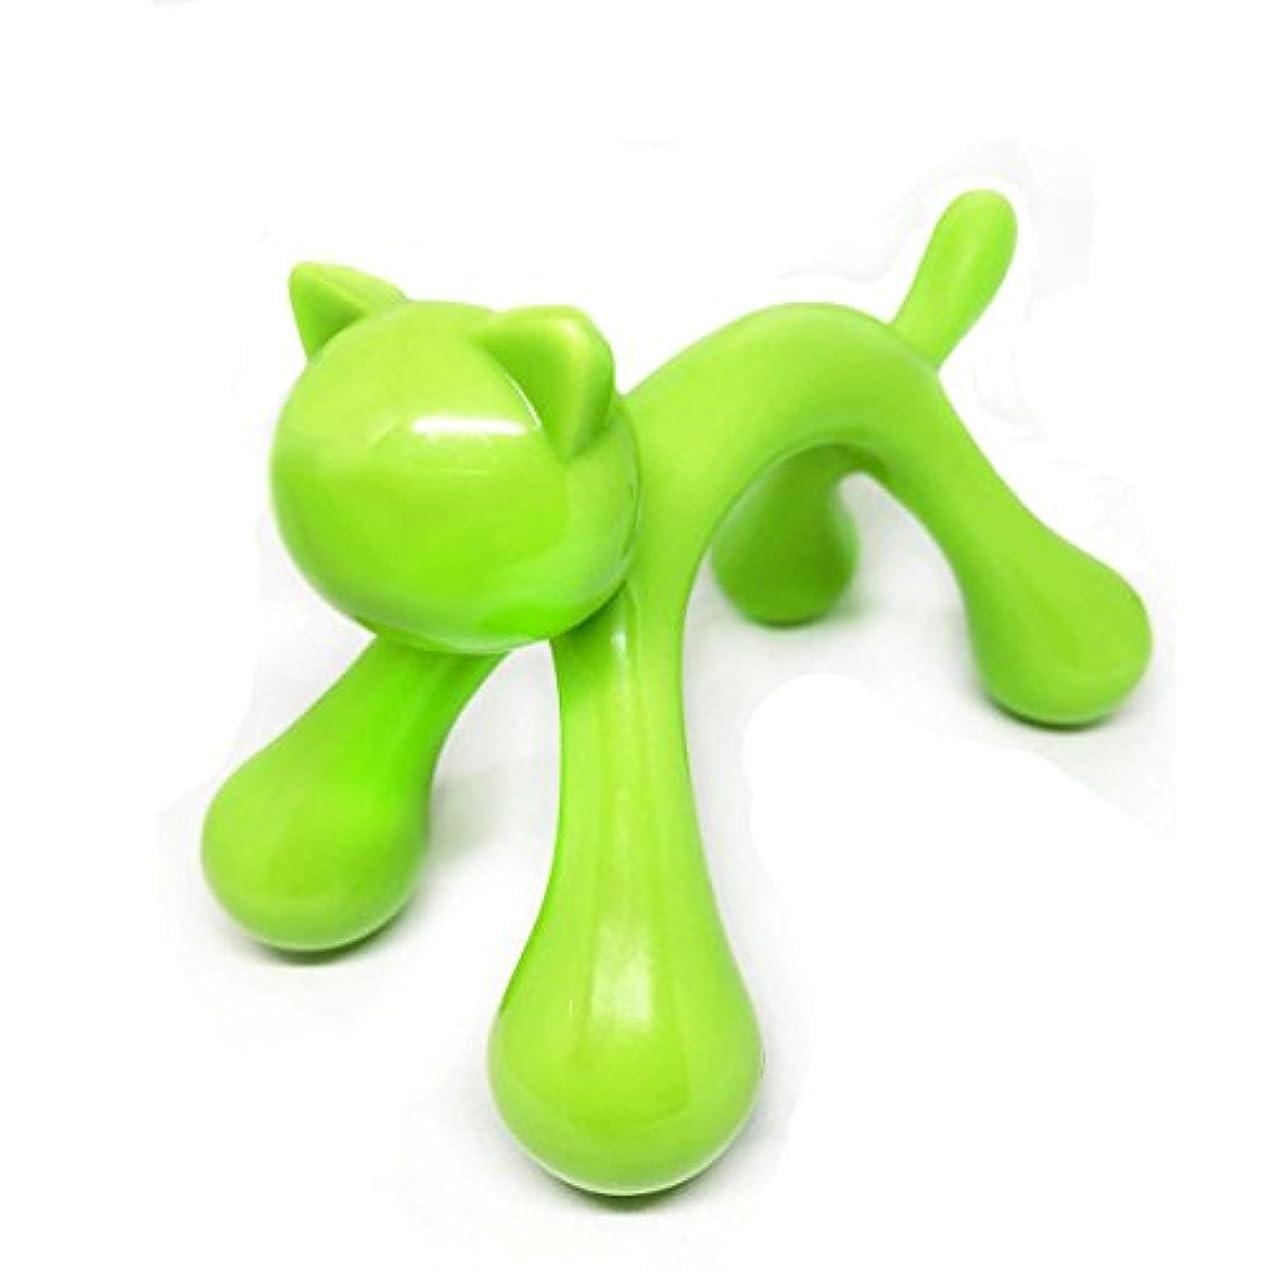 フォーマルシード絶望マッサージ棒 ツボ押しマッサージ台 握りタイプ 背中 ウッド 疲労回復 ハンド 背中 首 肩こり解消 可愛いネコ型 (グリーン)